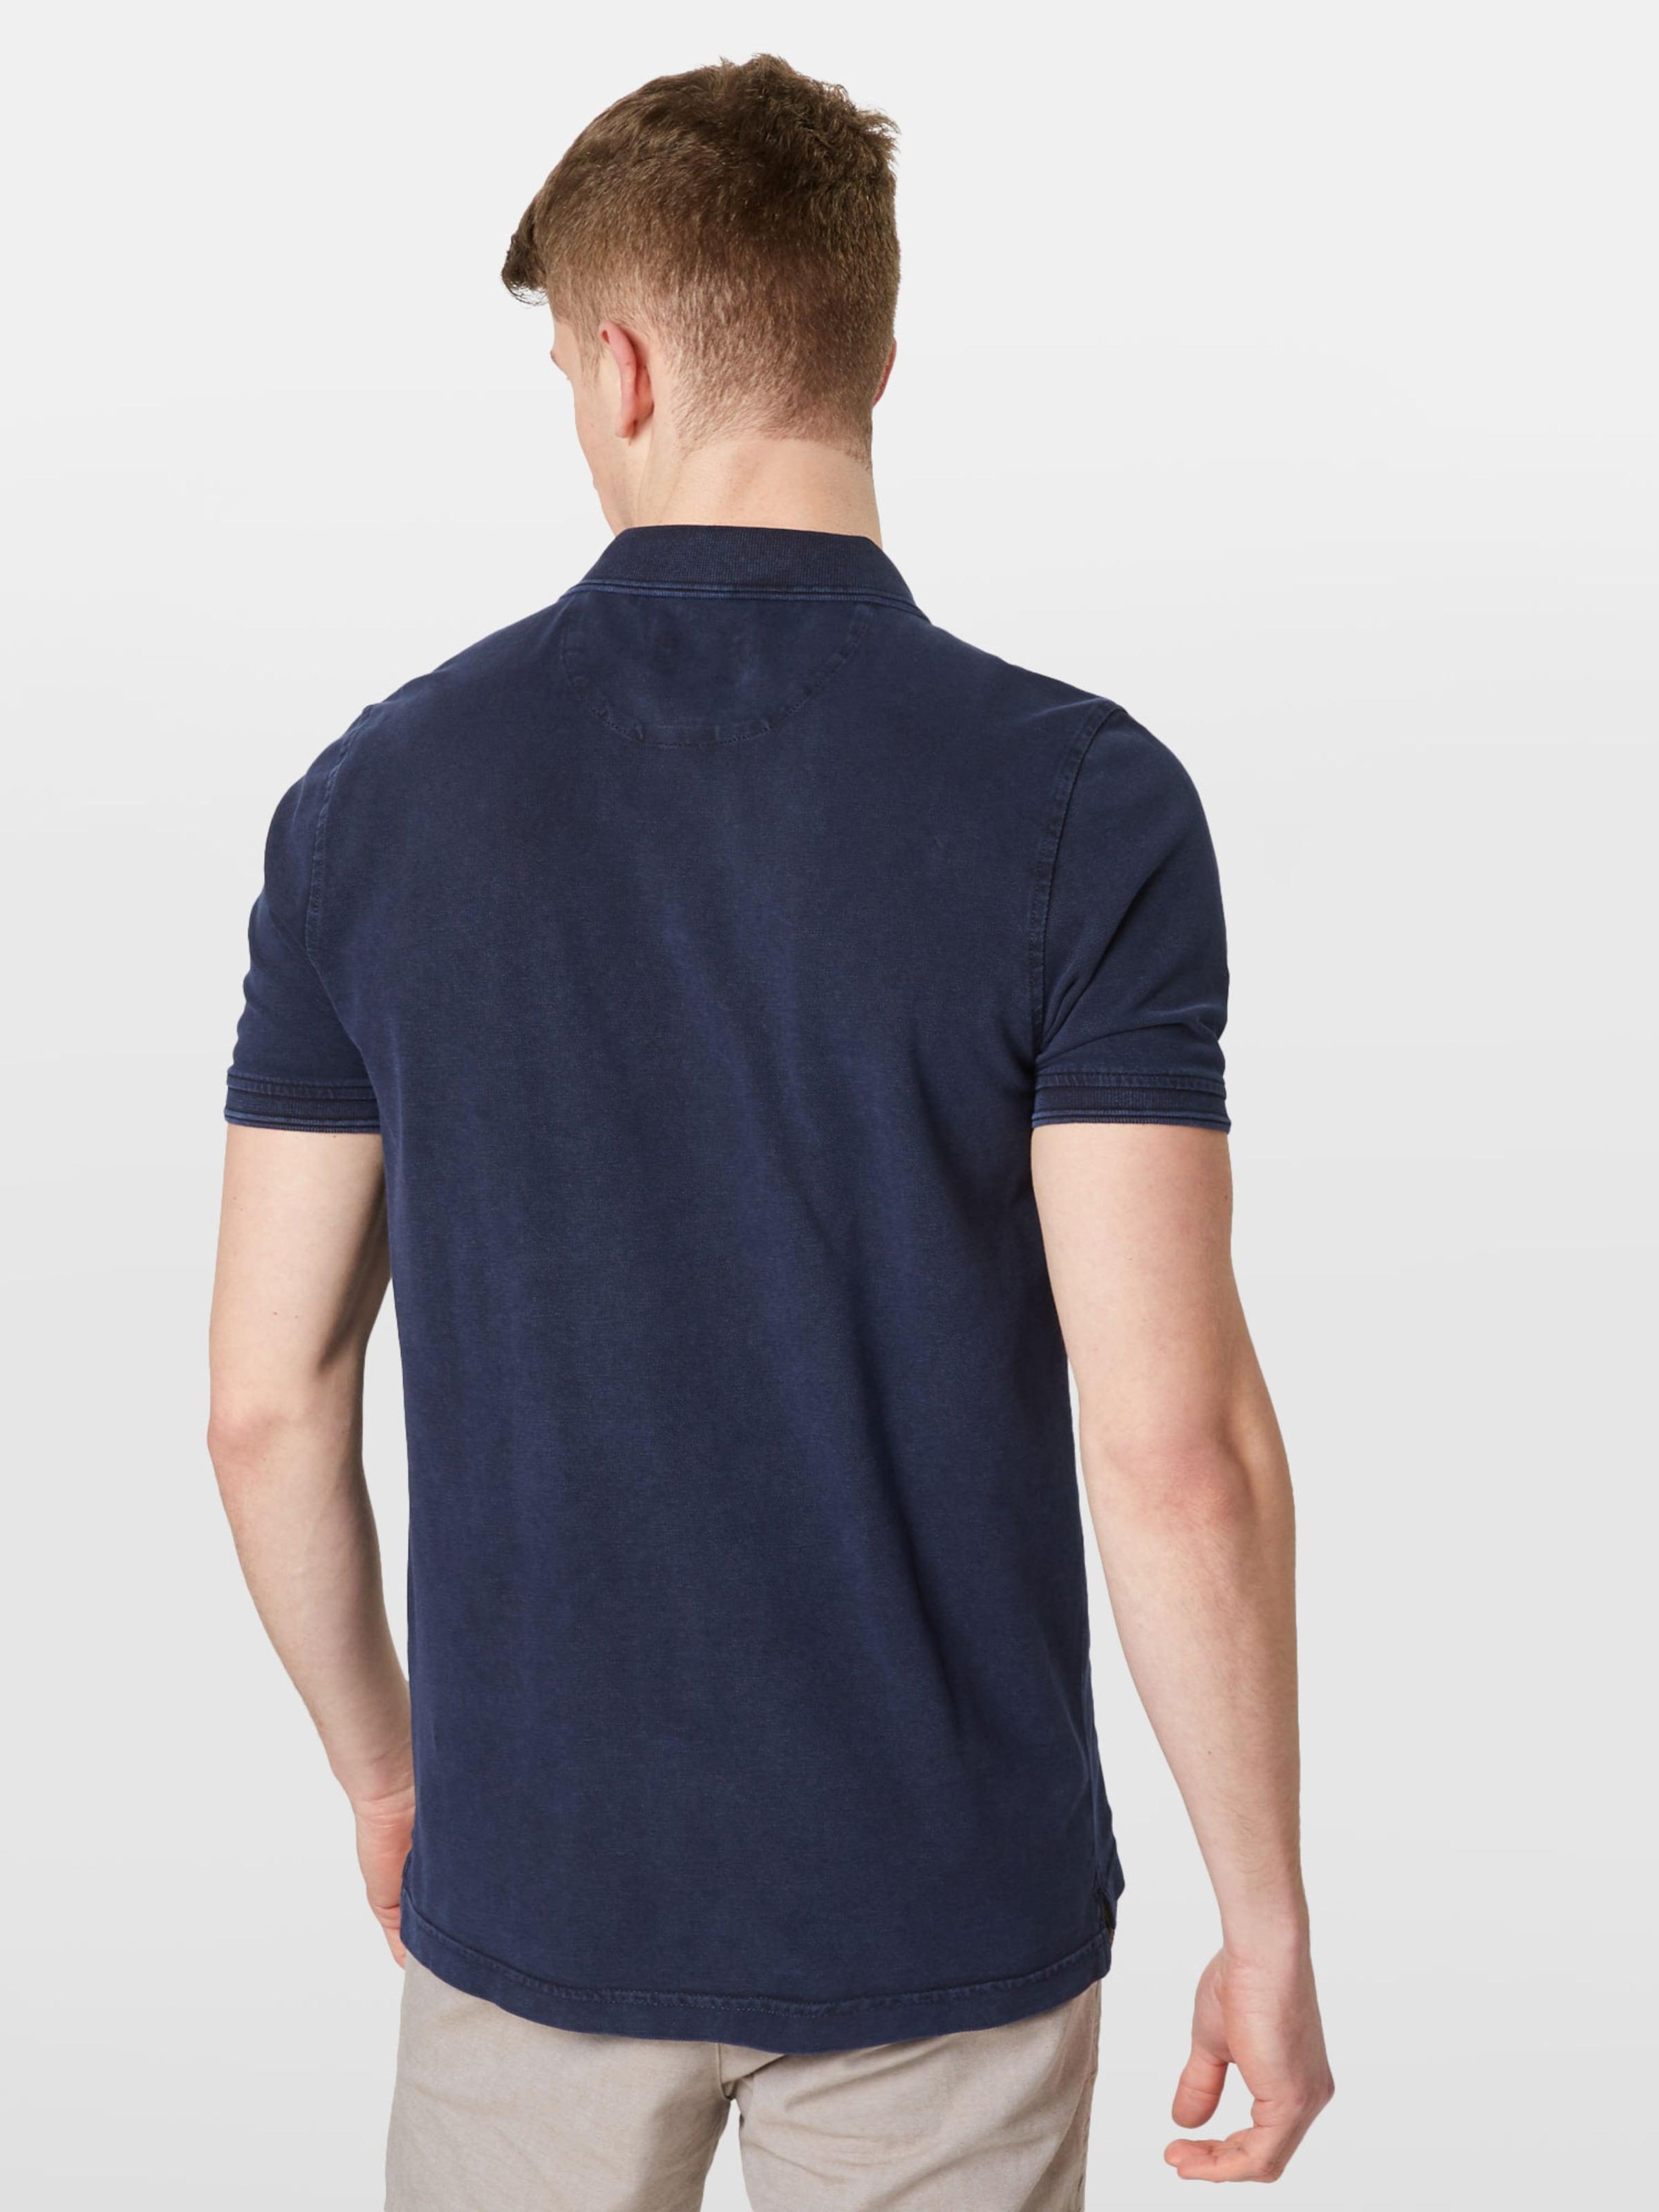 shirt T Marine Active En Camel 5KJ1FcuTl3